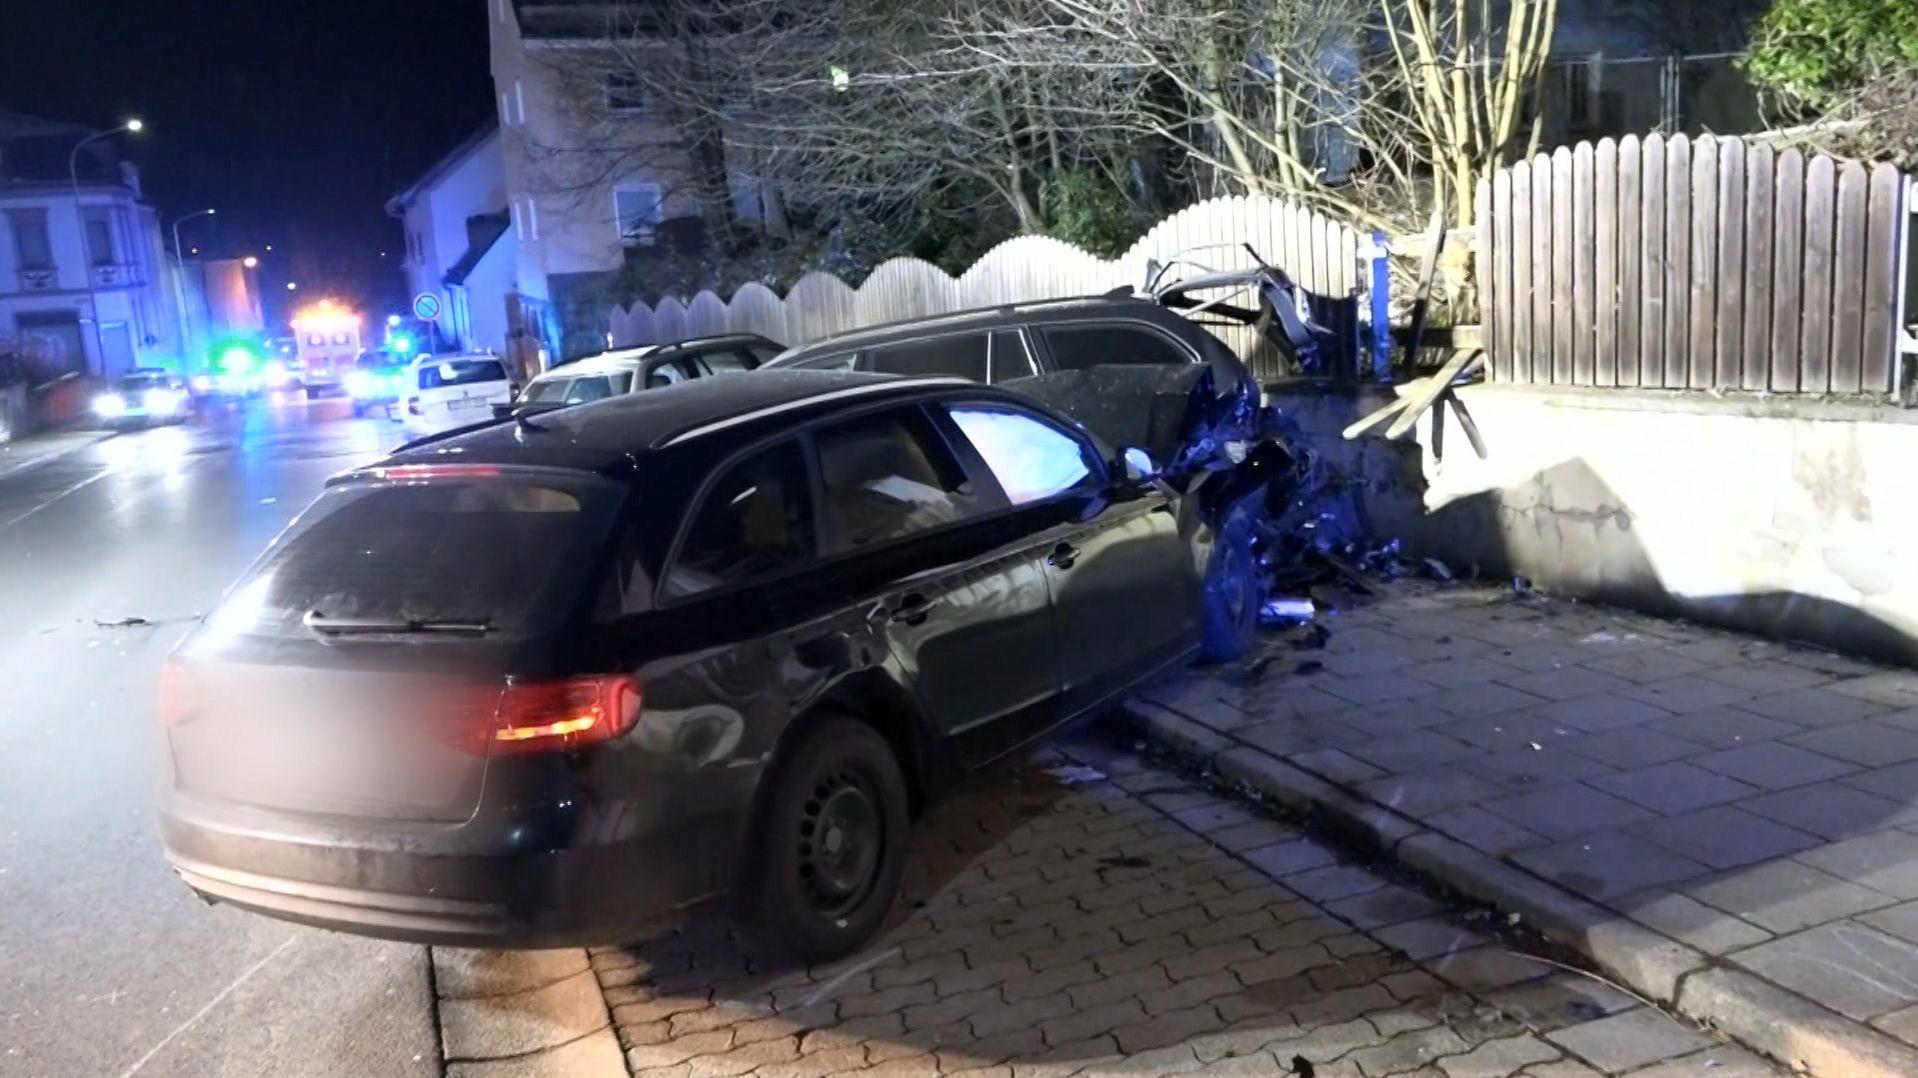 Vor einer Woche ist im oberfränkischen Selb ein Fußgänger von einem Auto erfasst und getötet worden. Jetzt stellt sich heraus: Der Unfall war offenbar die Folge eines illegalen Auto-Rennens.